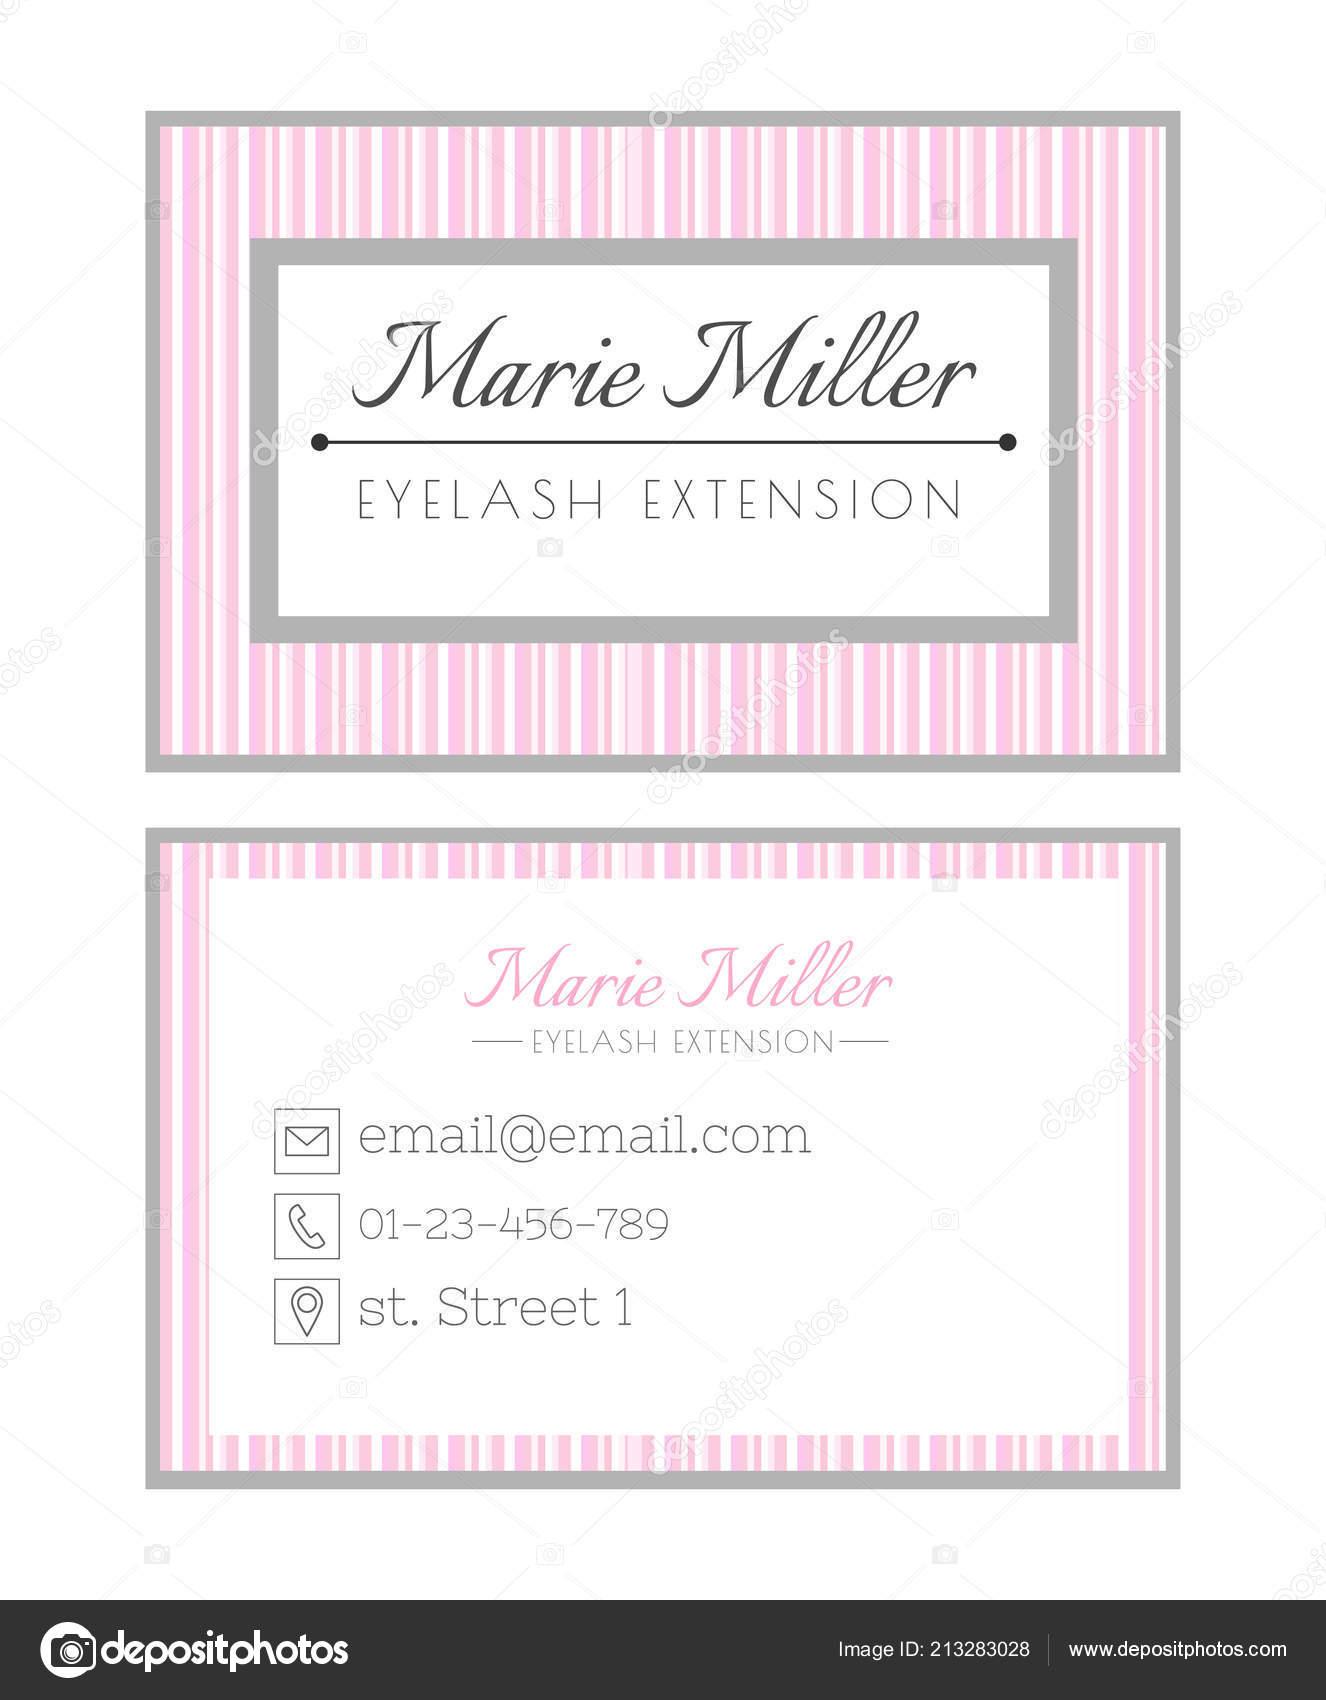 Visitenkarten Vorlage Design Für Beauty Salon